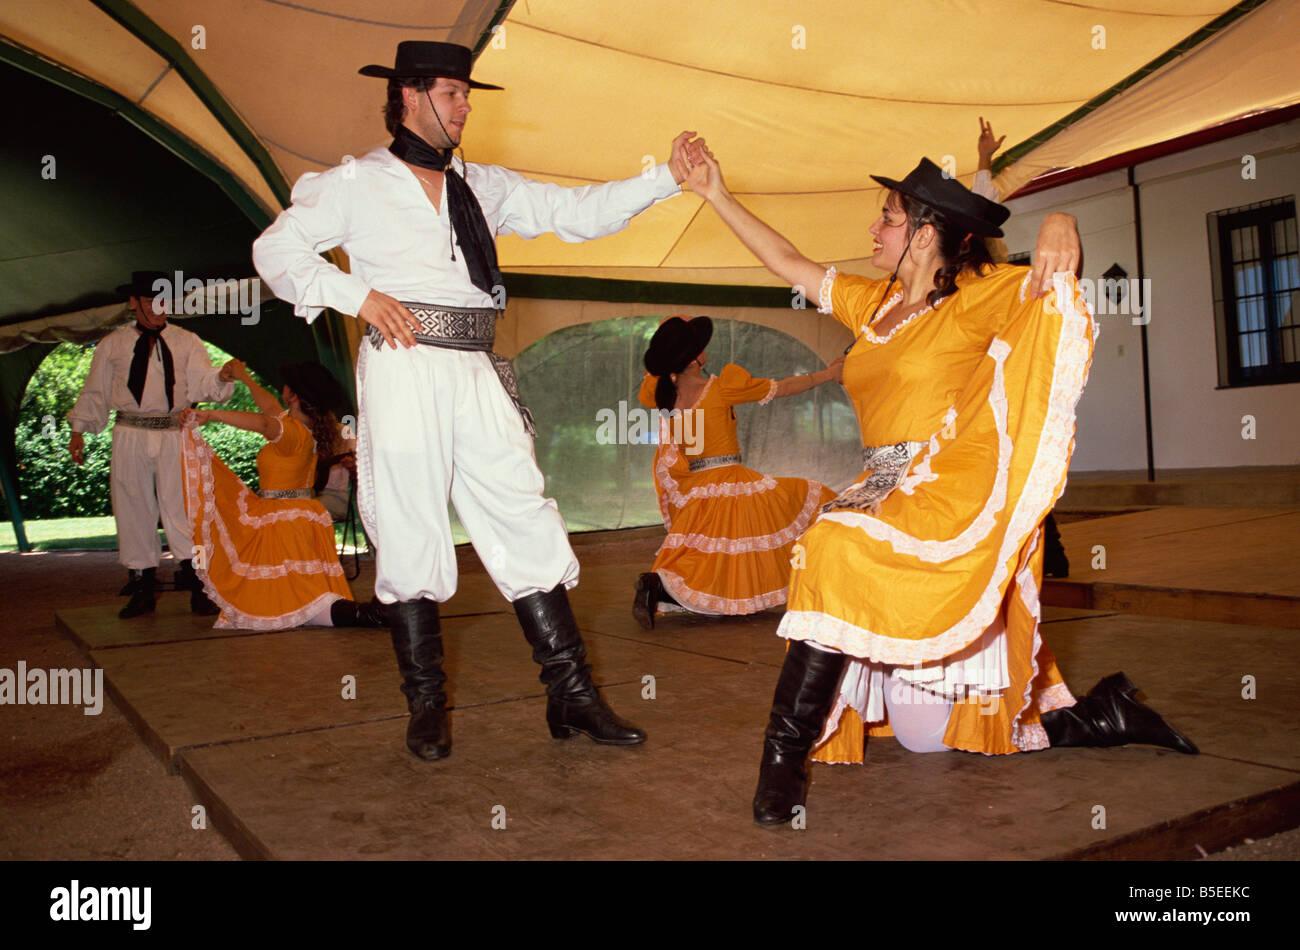 Danse traditionnelle Fiesta Gauchos d'Amérique du Sud Uruguay Montevideo Photo Stock